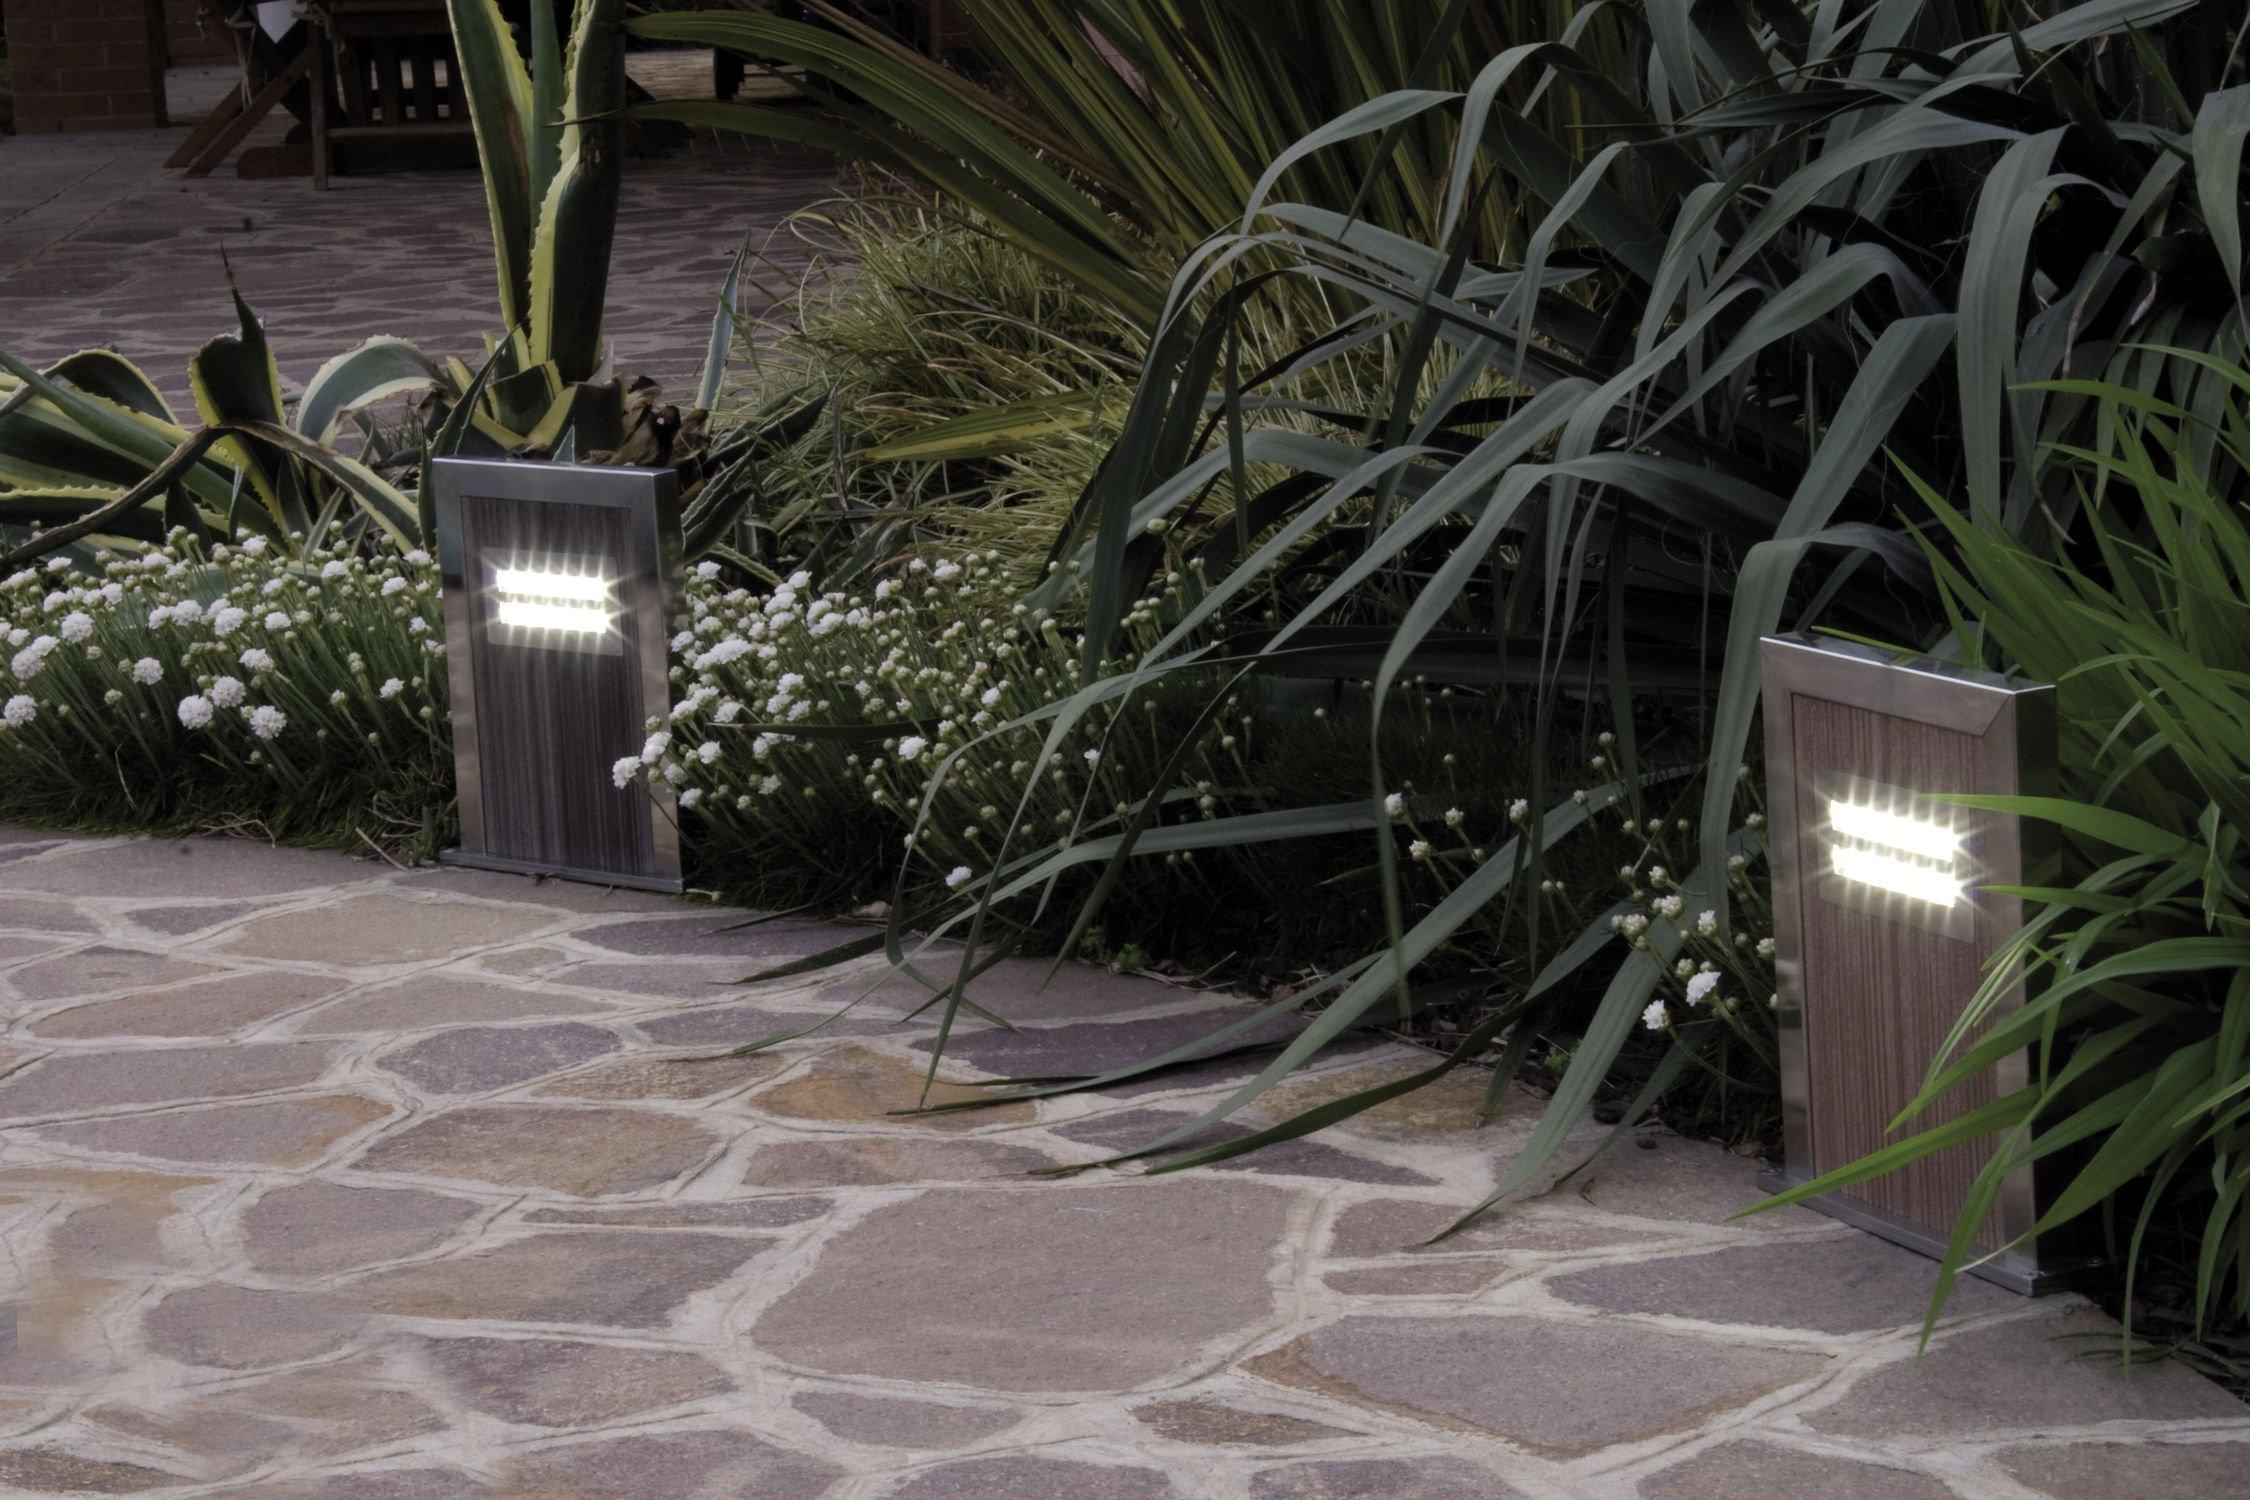 Luci ecologiche per il giardino 3 esempi interessanti - Luci da giardino ikea ...